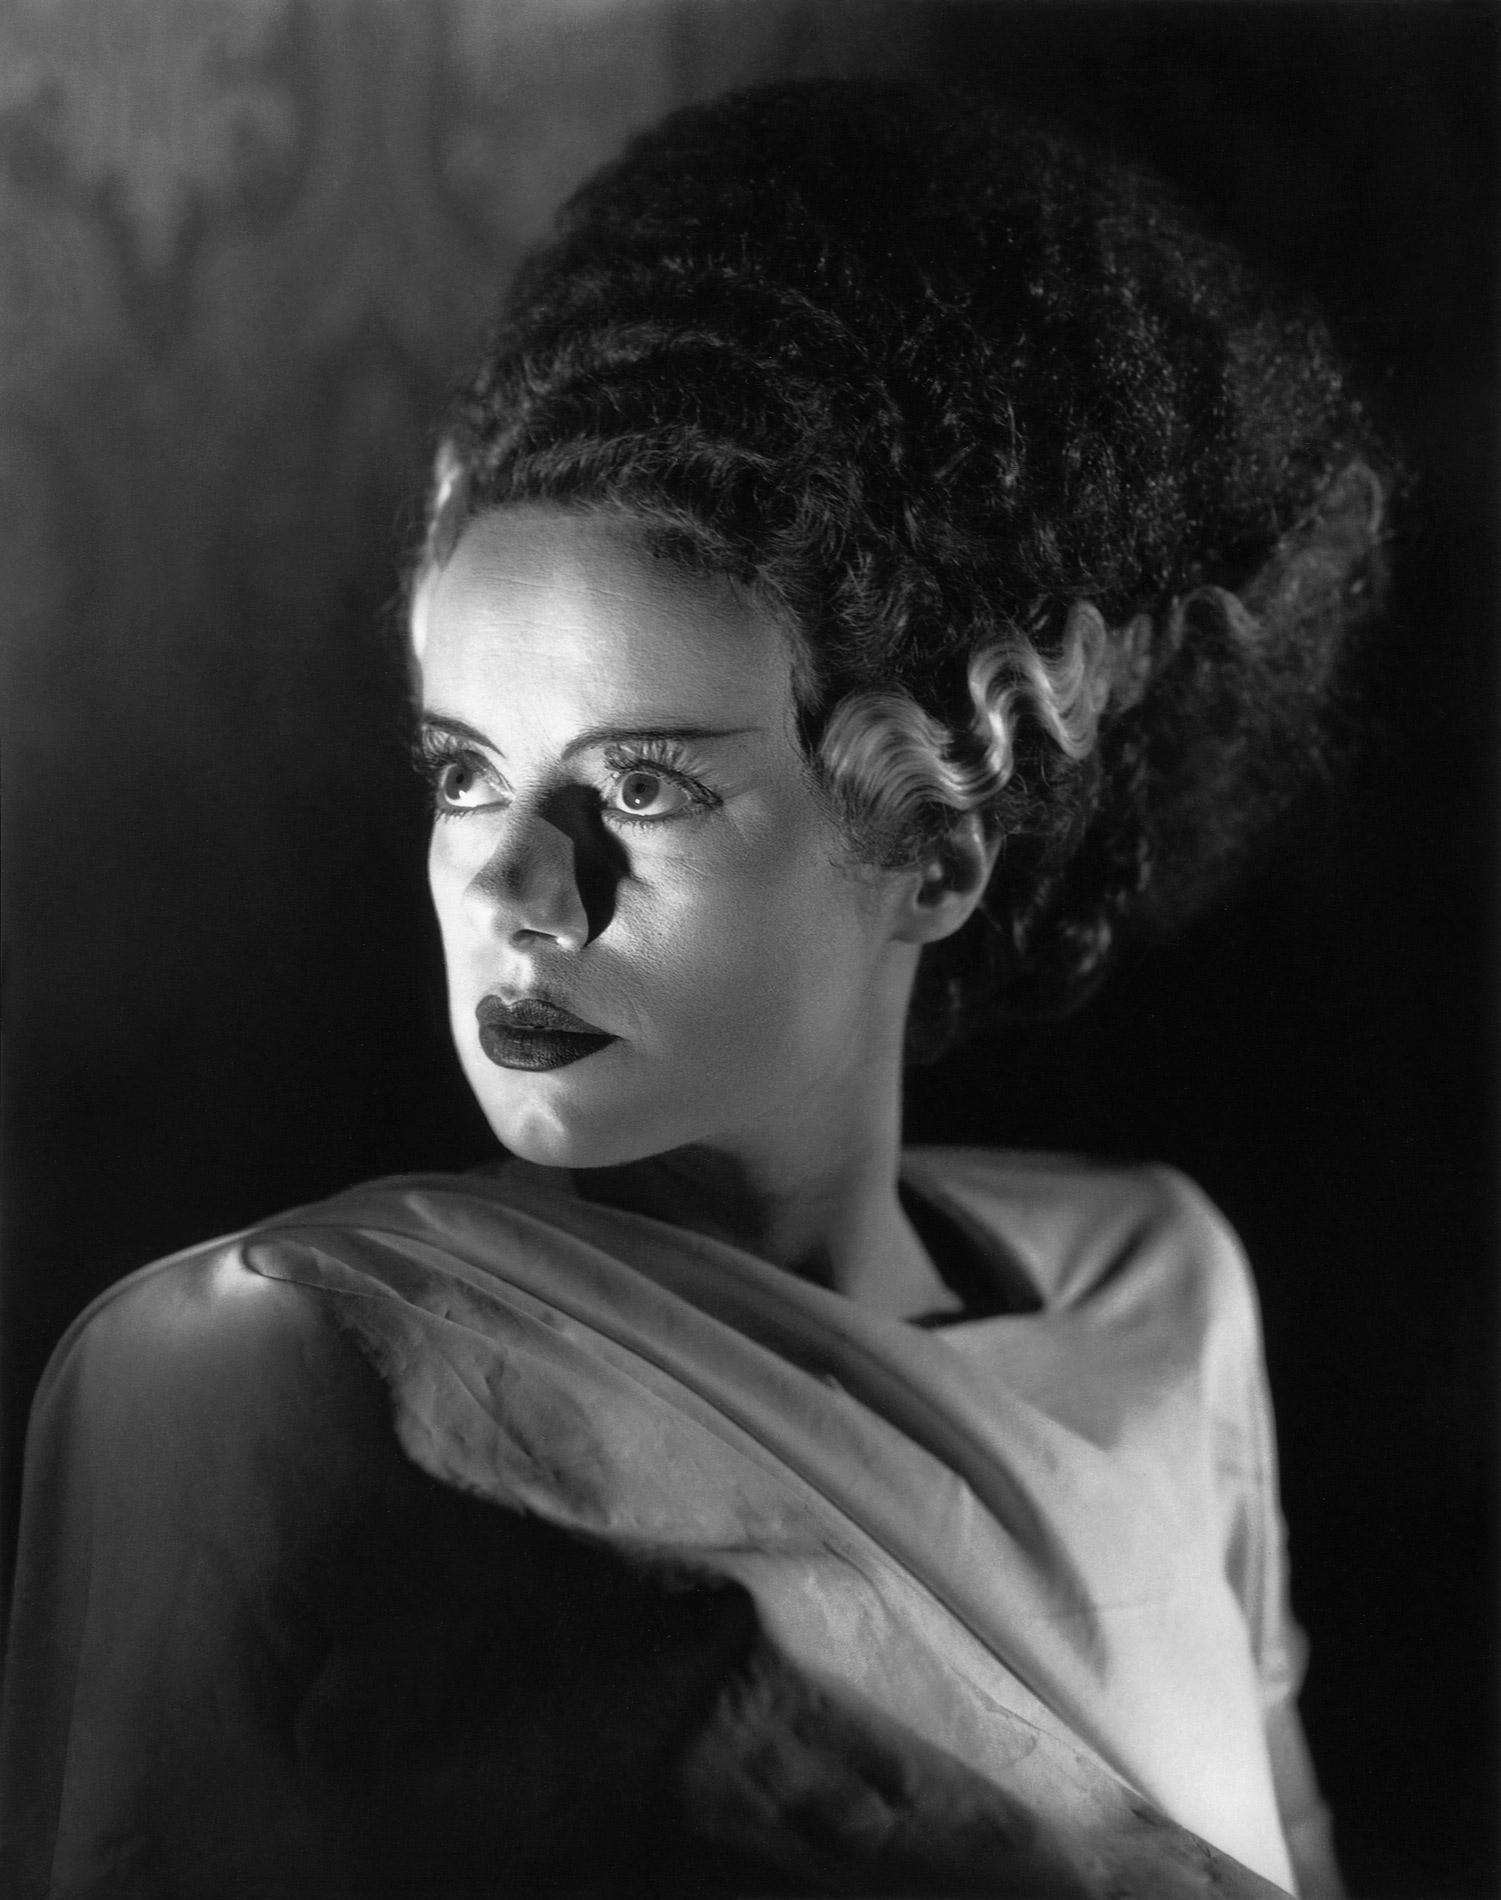 Annex - Lanchester, Elsa (Bride of Frankenstein, The)_01